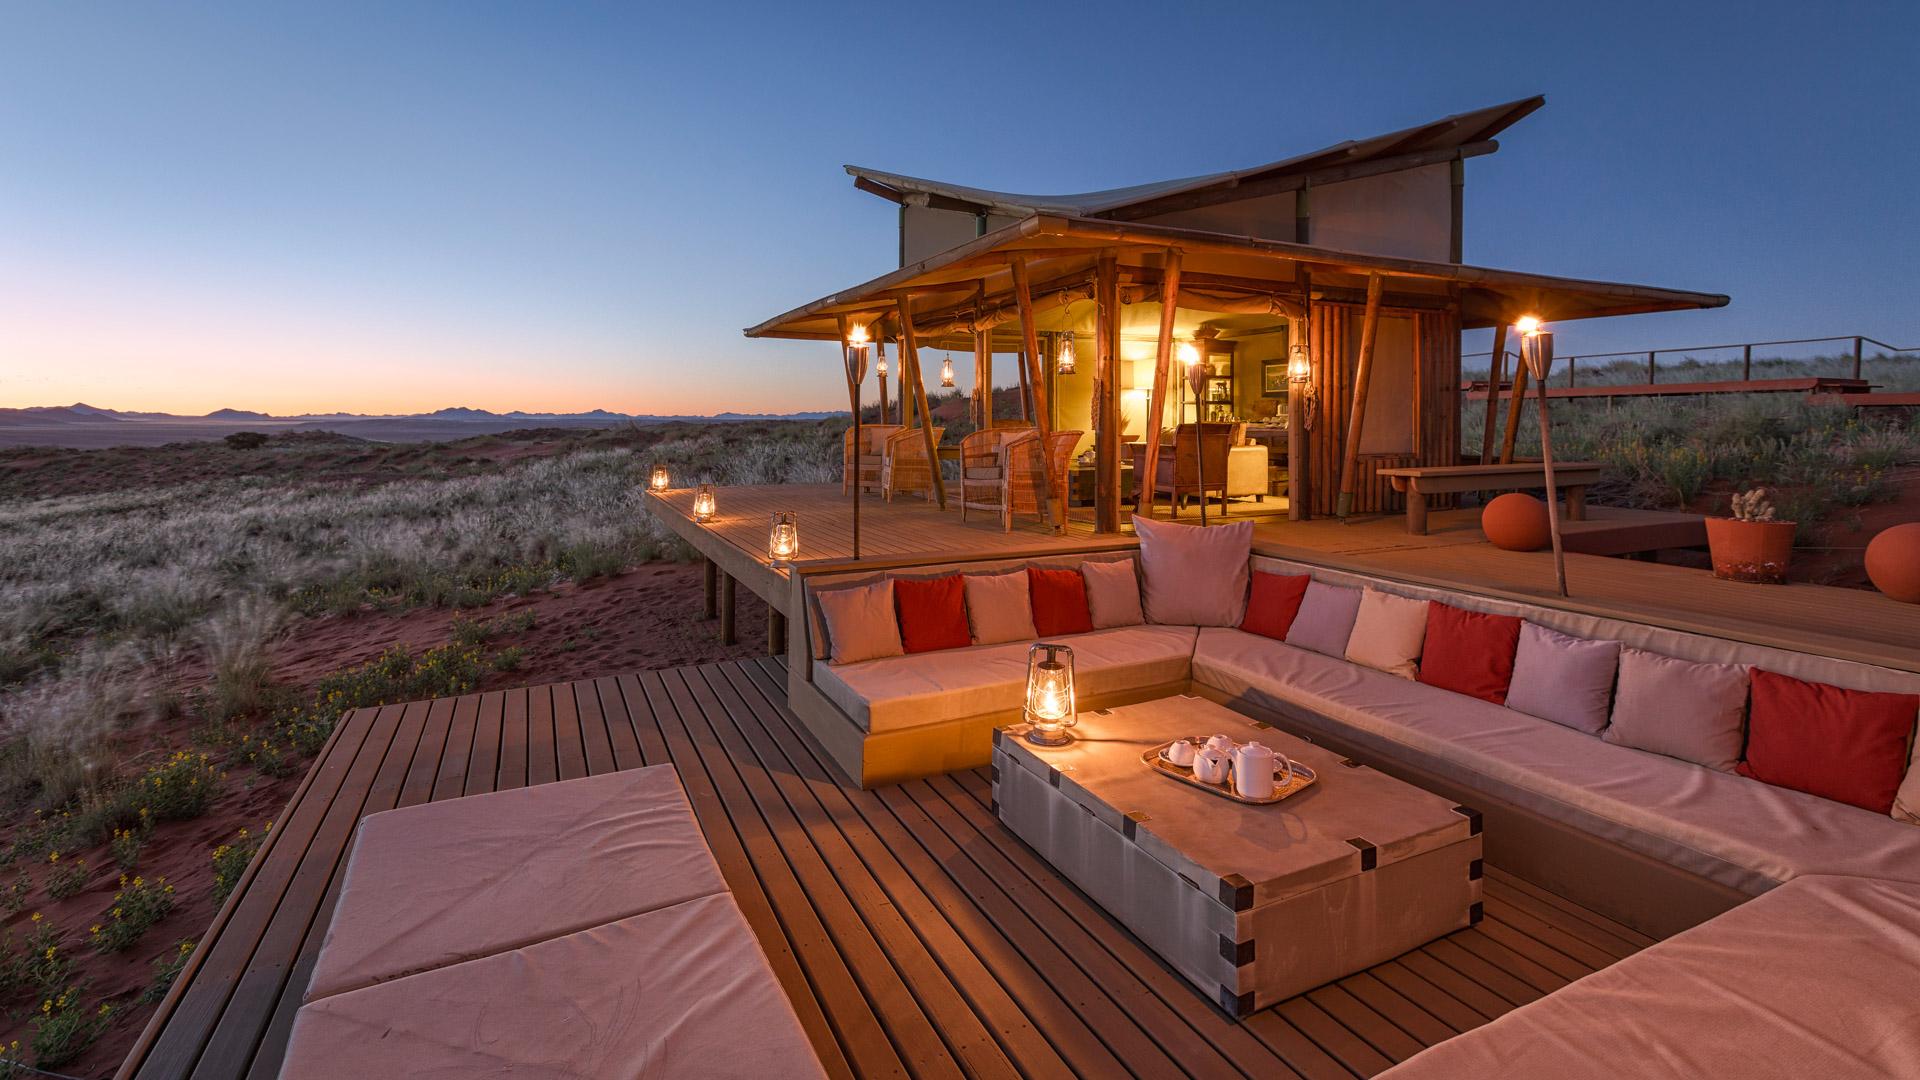 camping gardasee mobilheim ostsee familienurlaub im. Black Bedroom Furniture Sets. Home Design Ideas